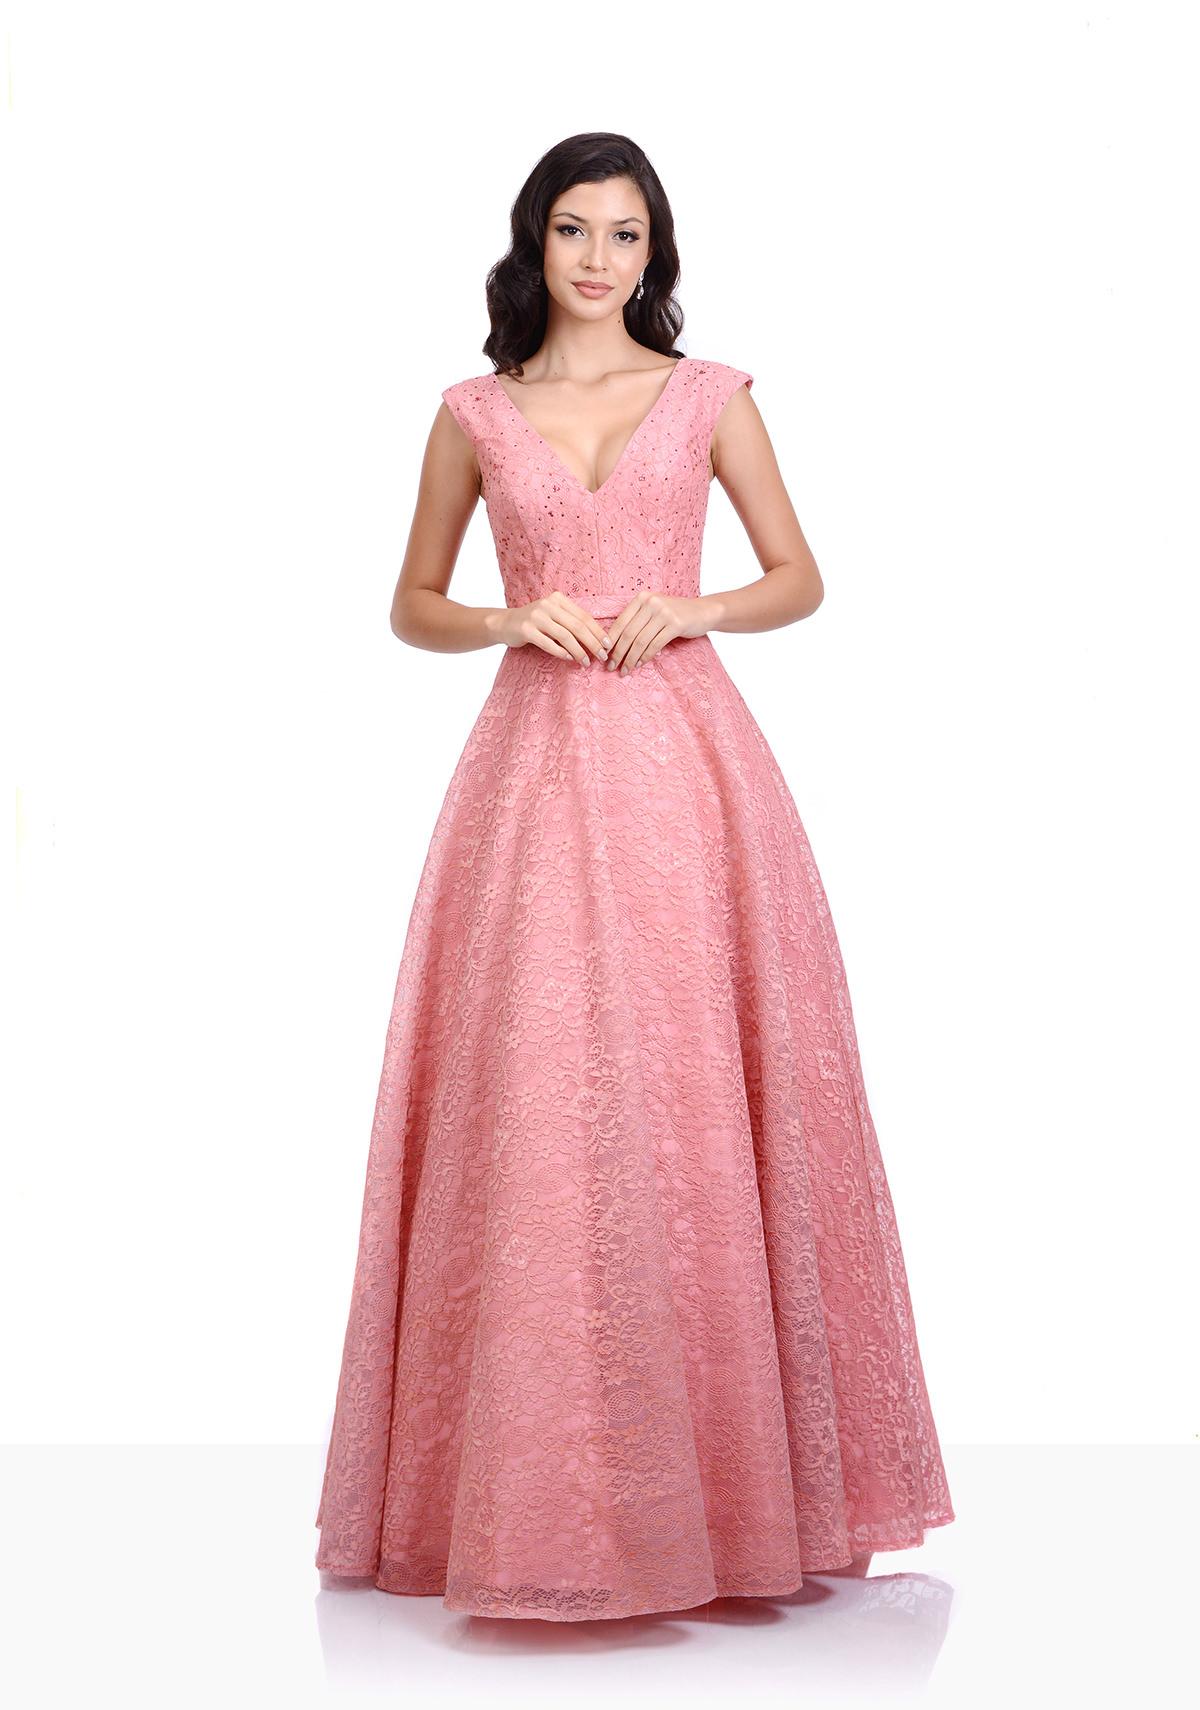 Abendkleid aus Spitze in Dawn Pink - Christian Koehlert